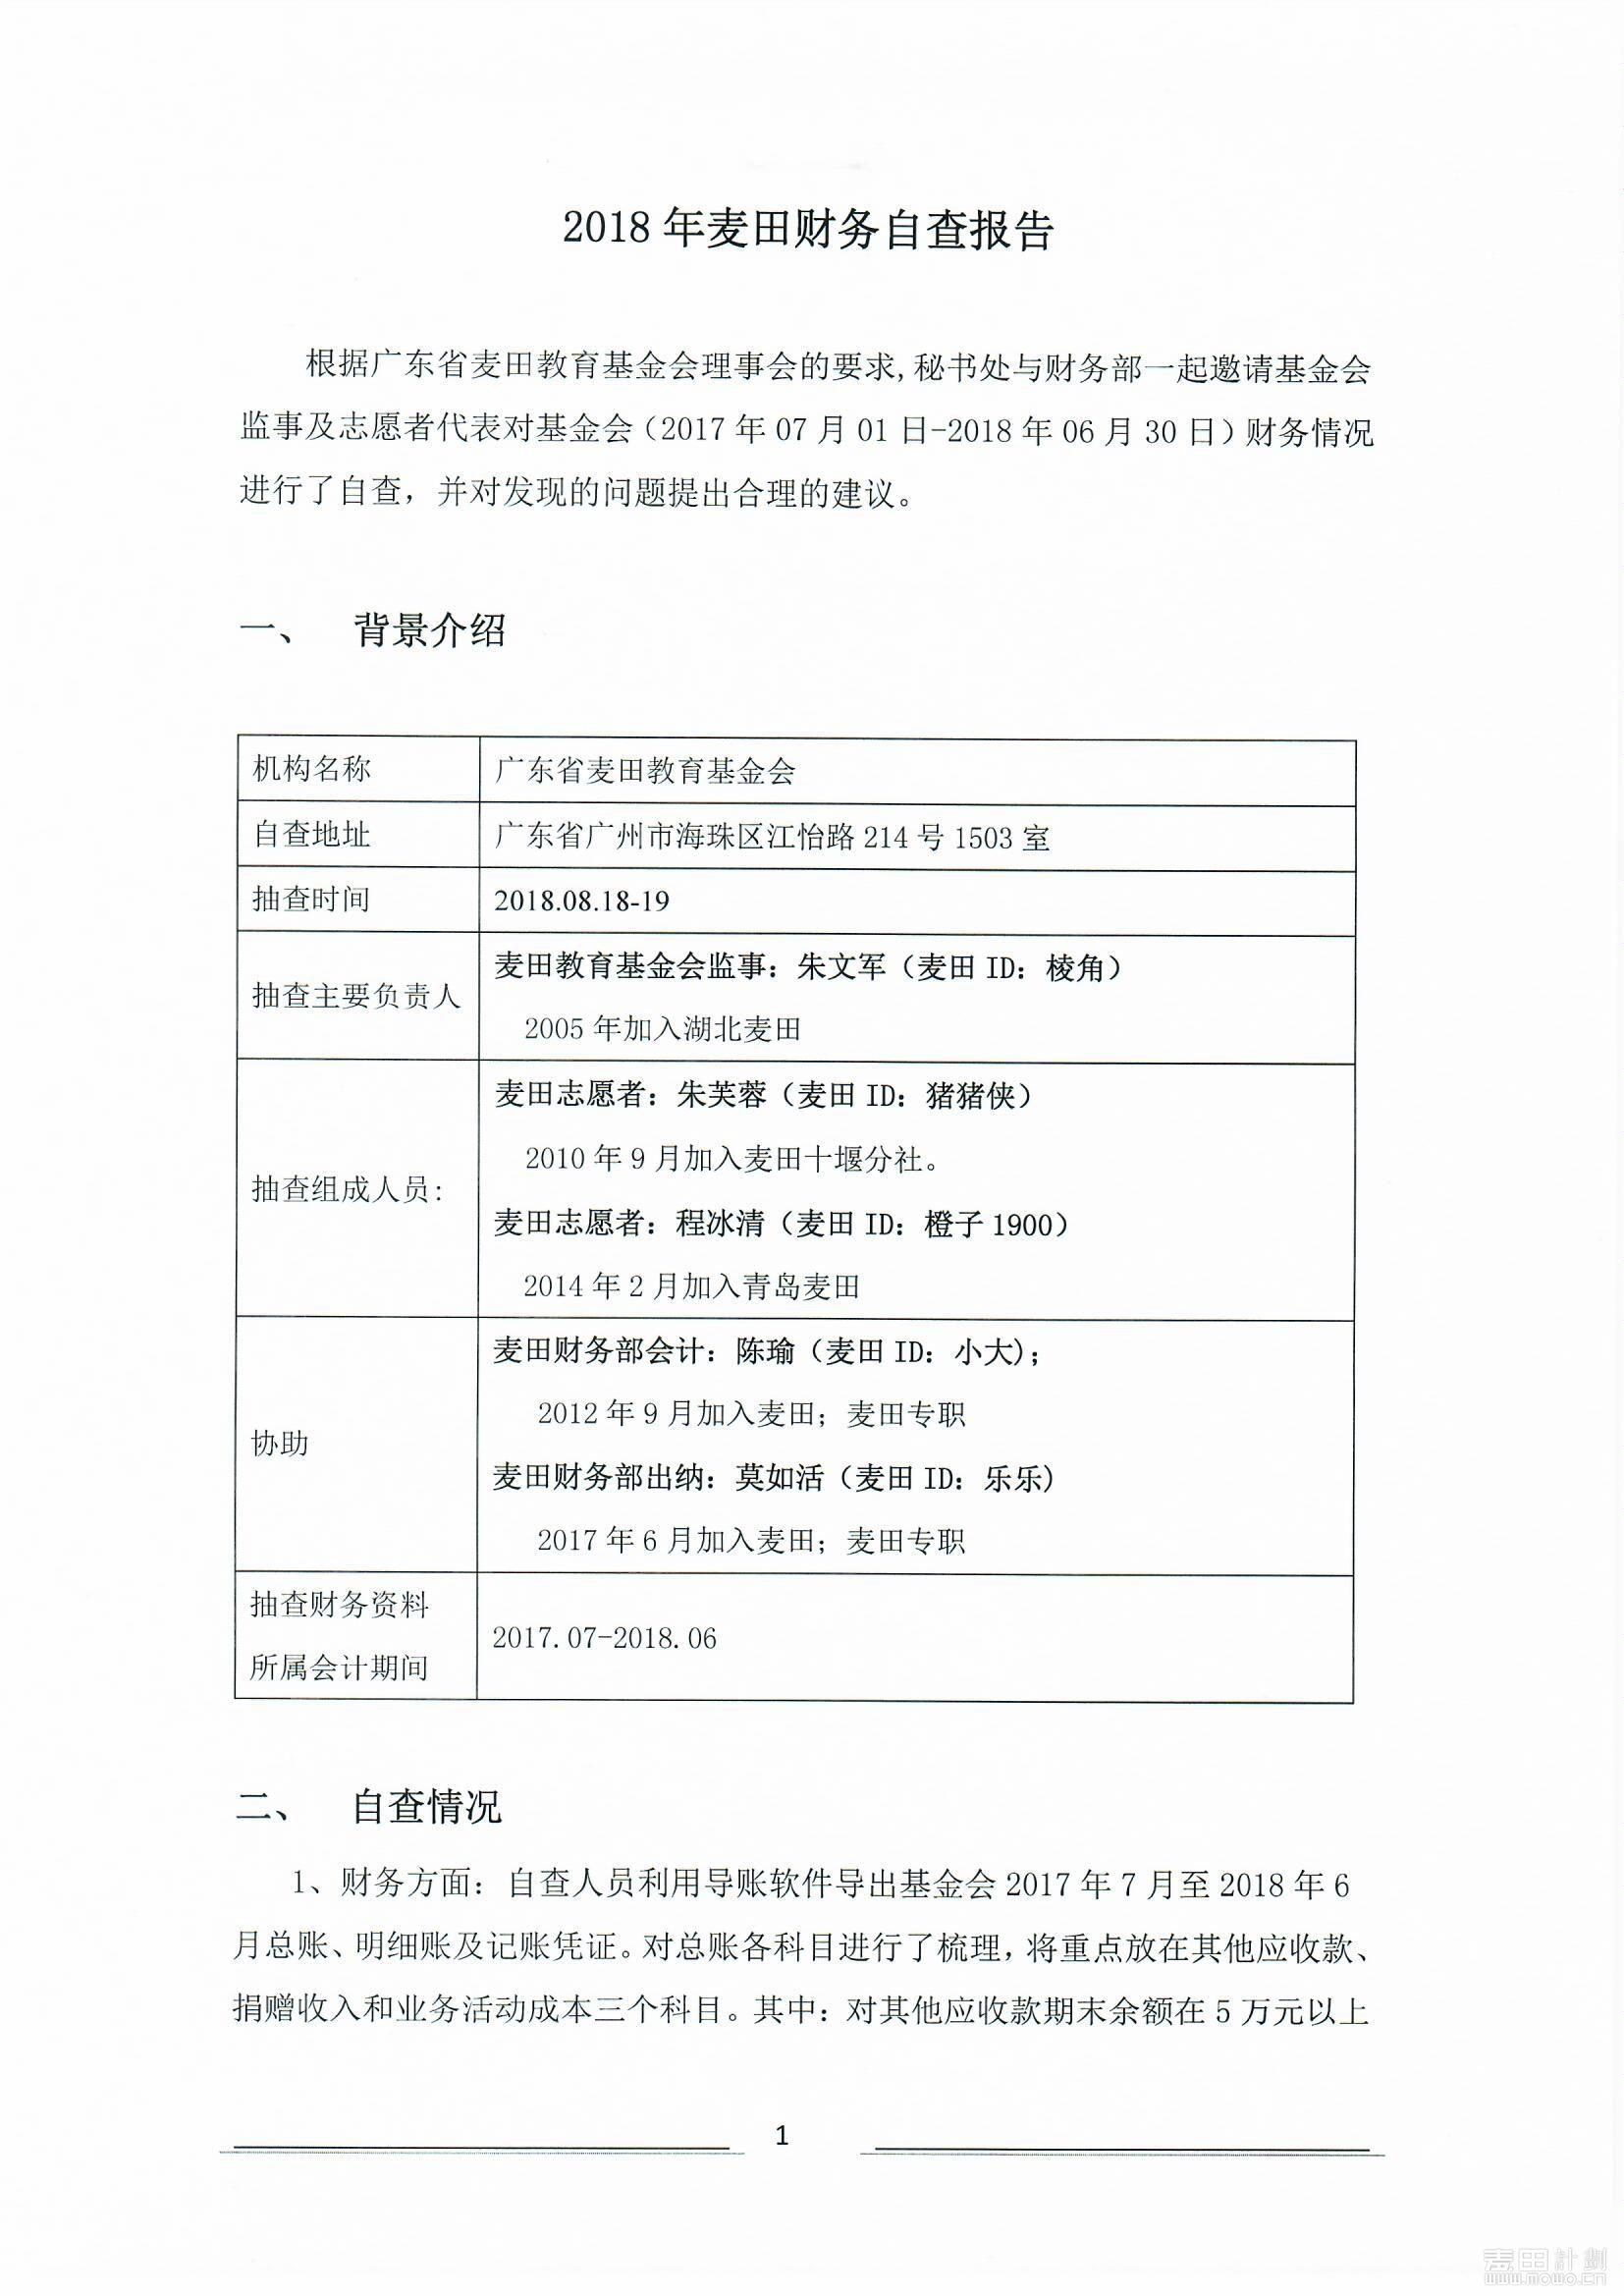 2018年麦田财务自查报告_页面_1.jpg